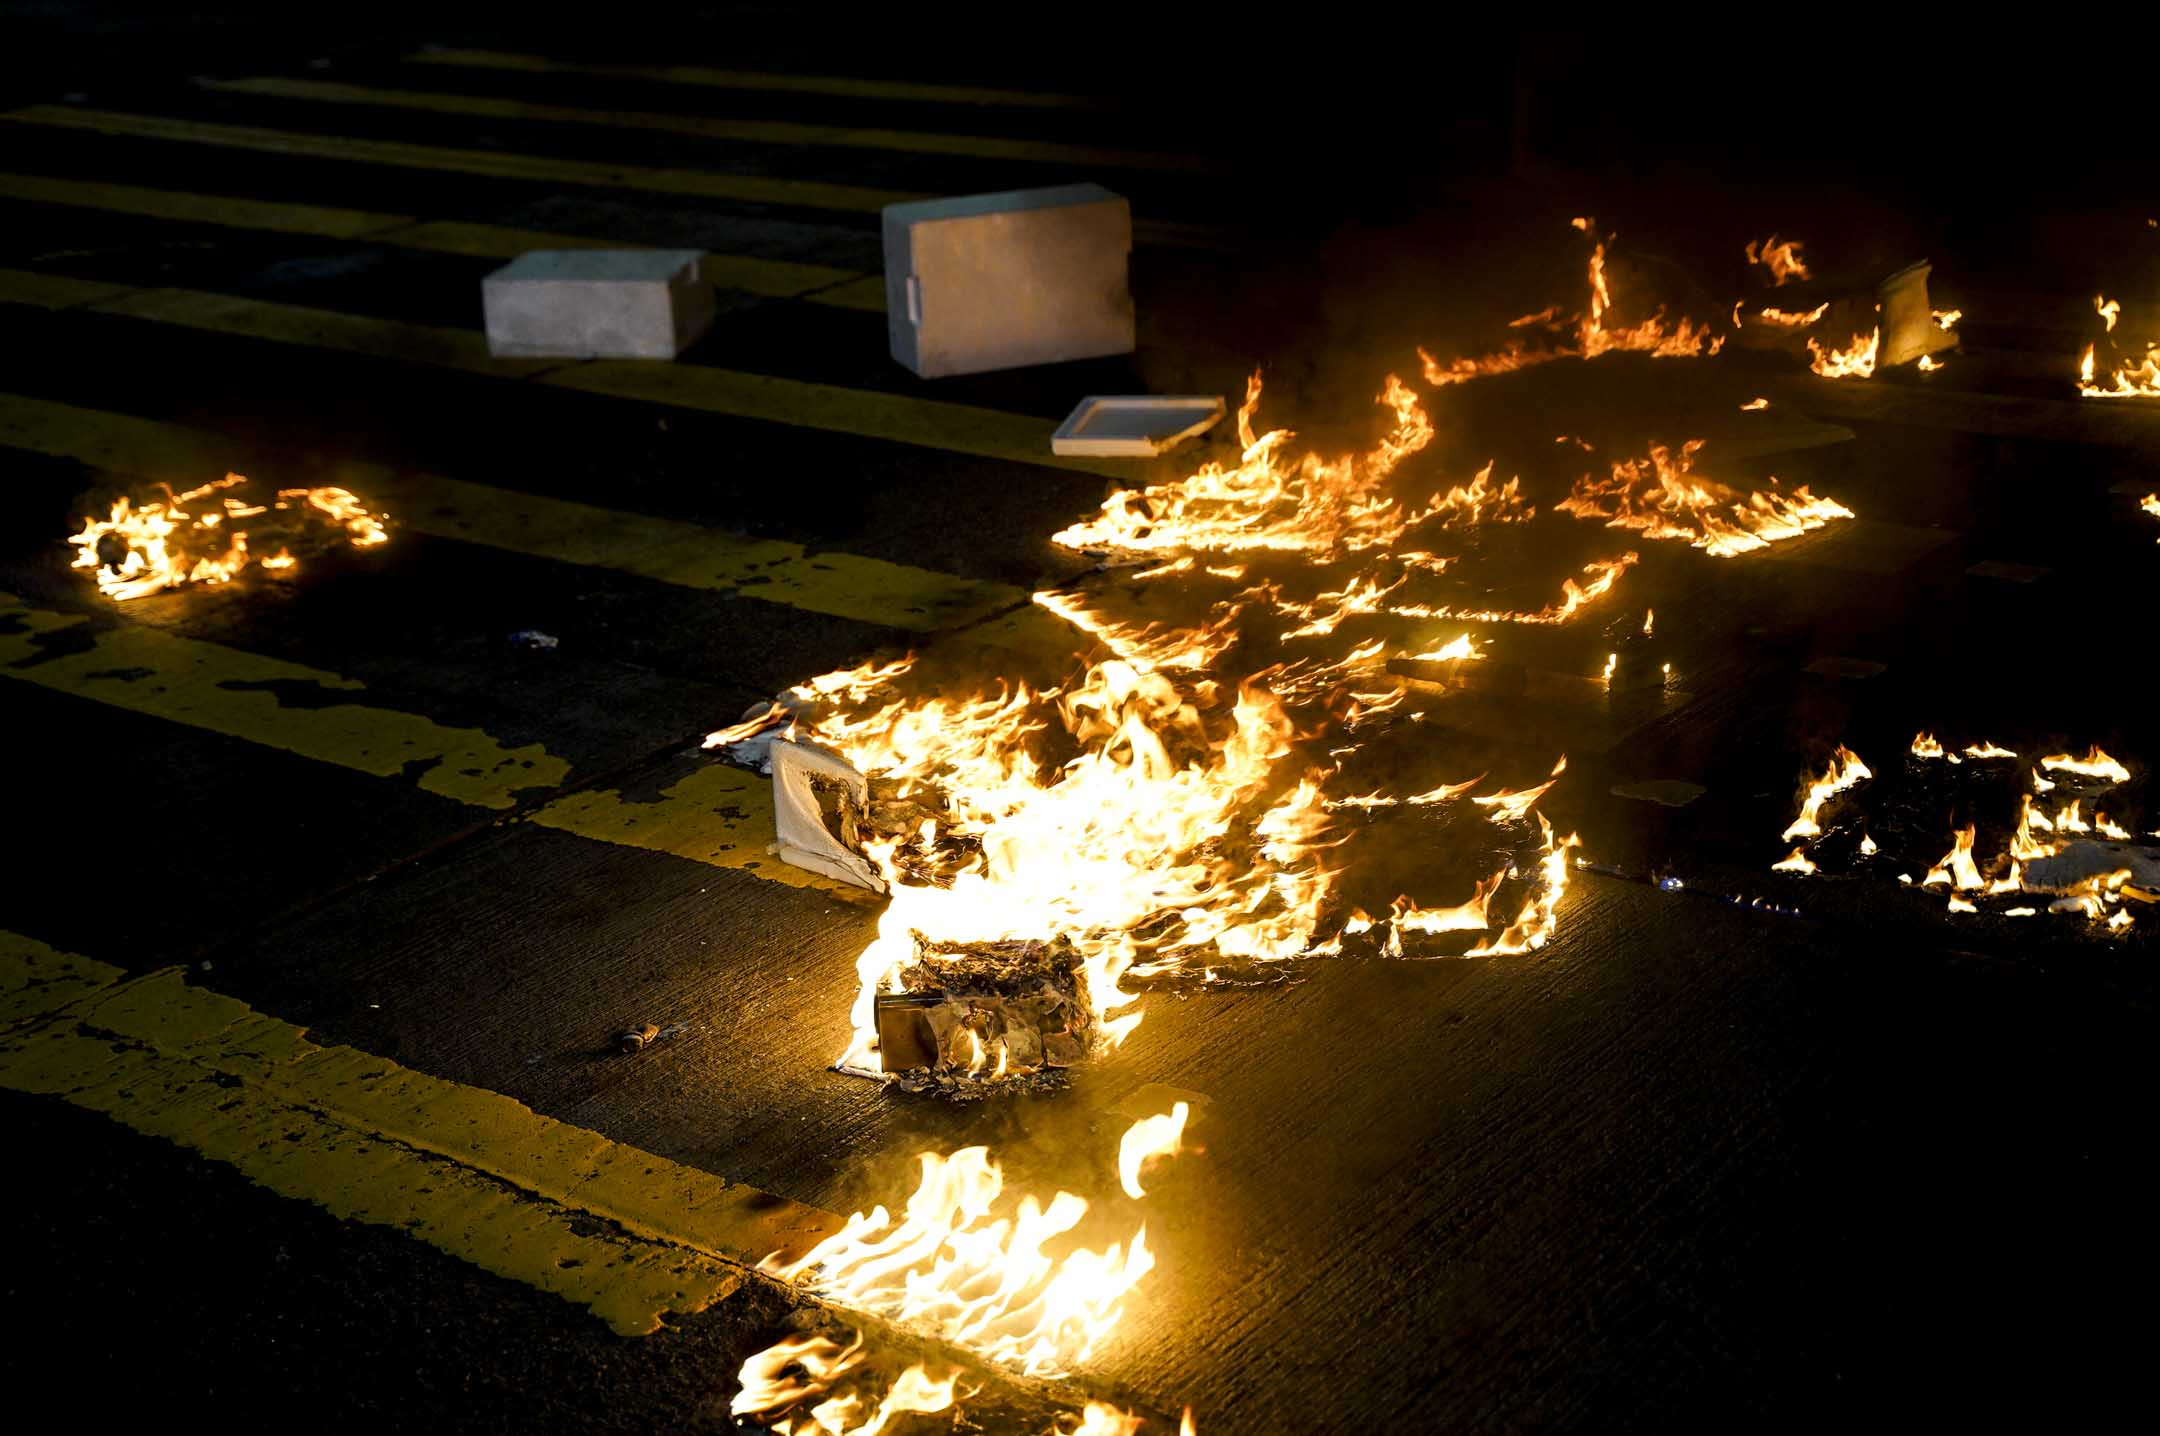 2020年2月29日,反修例運動期間的「8.31太子站事件」至今半週年,有大批市民到太子站外獻花悼念,其後示威者與警員爆發衝突。